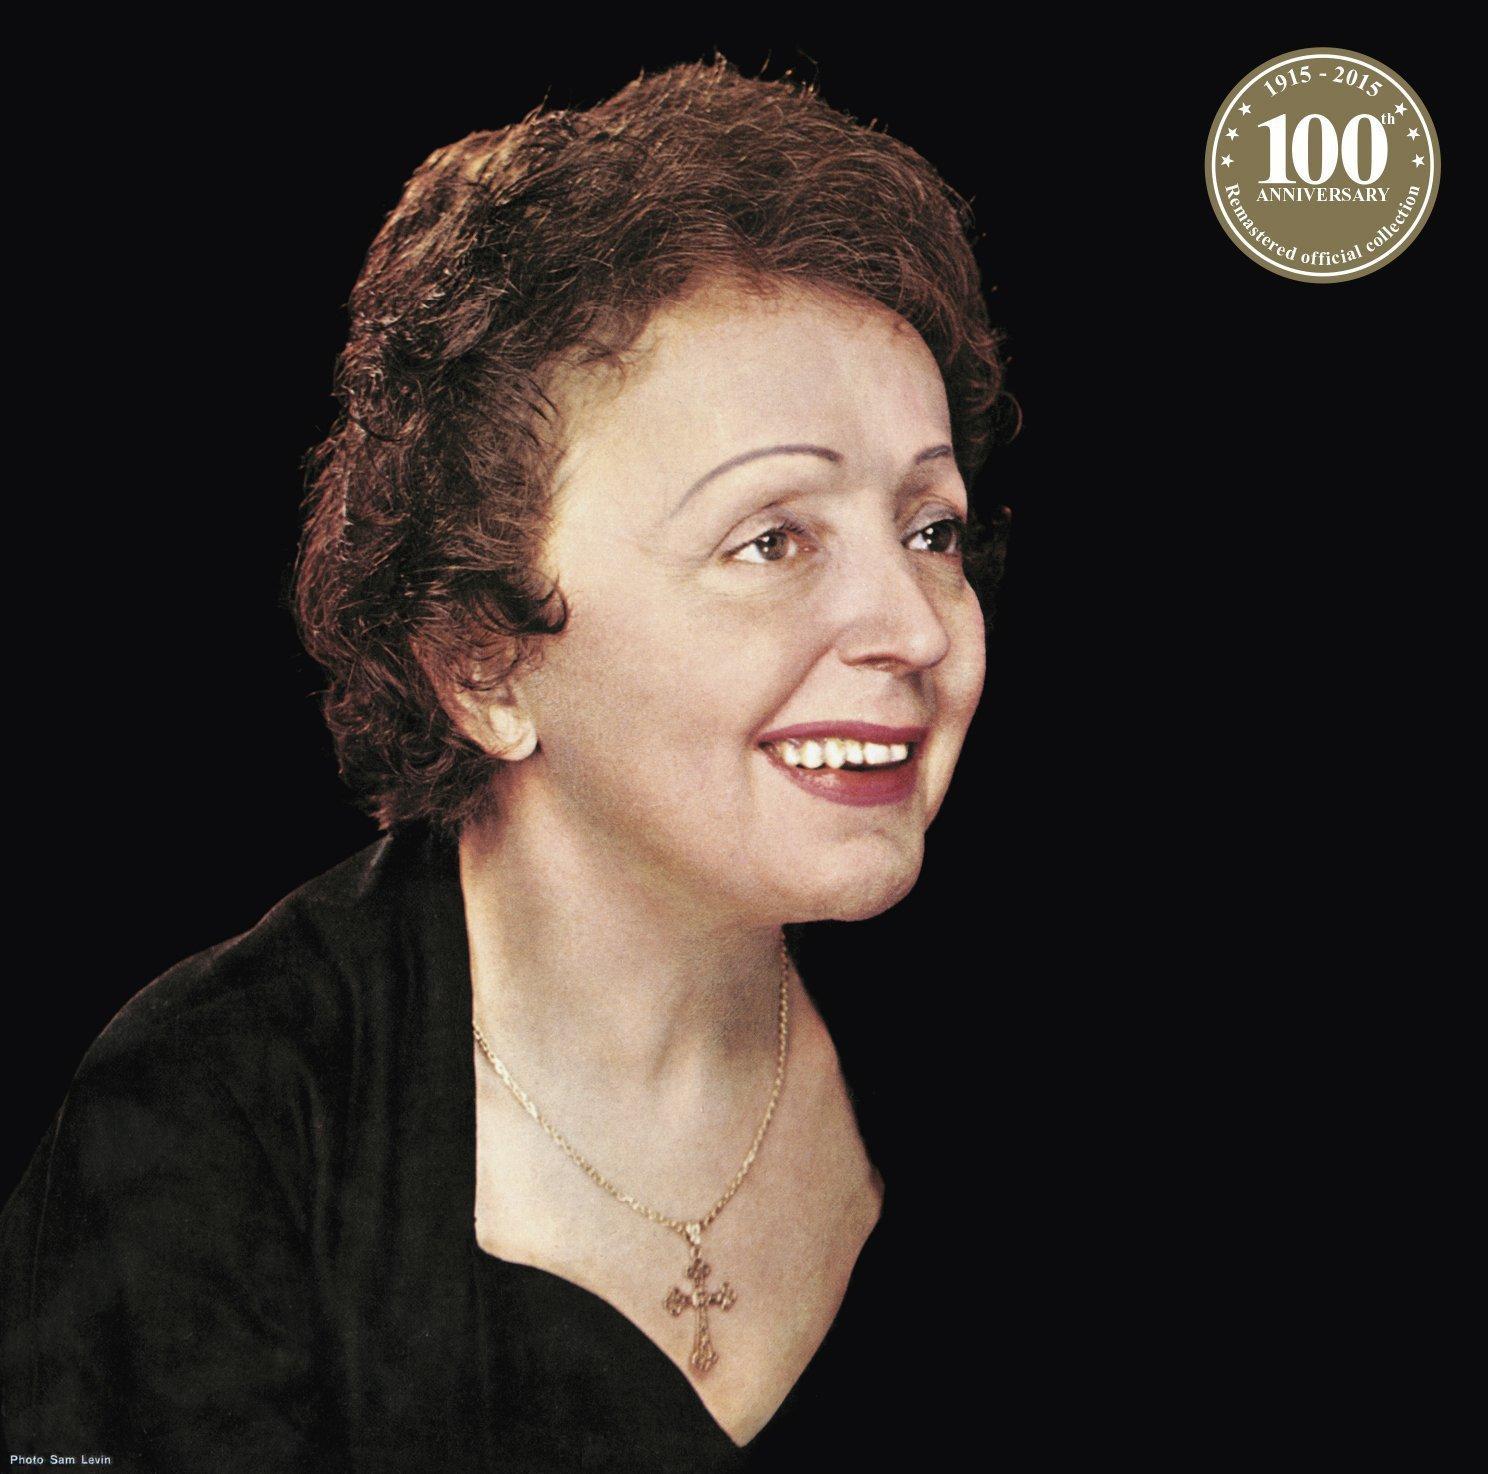 Edith PiafВиниловые пластинки<br>Виниловая пластинка<br>